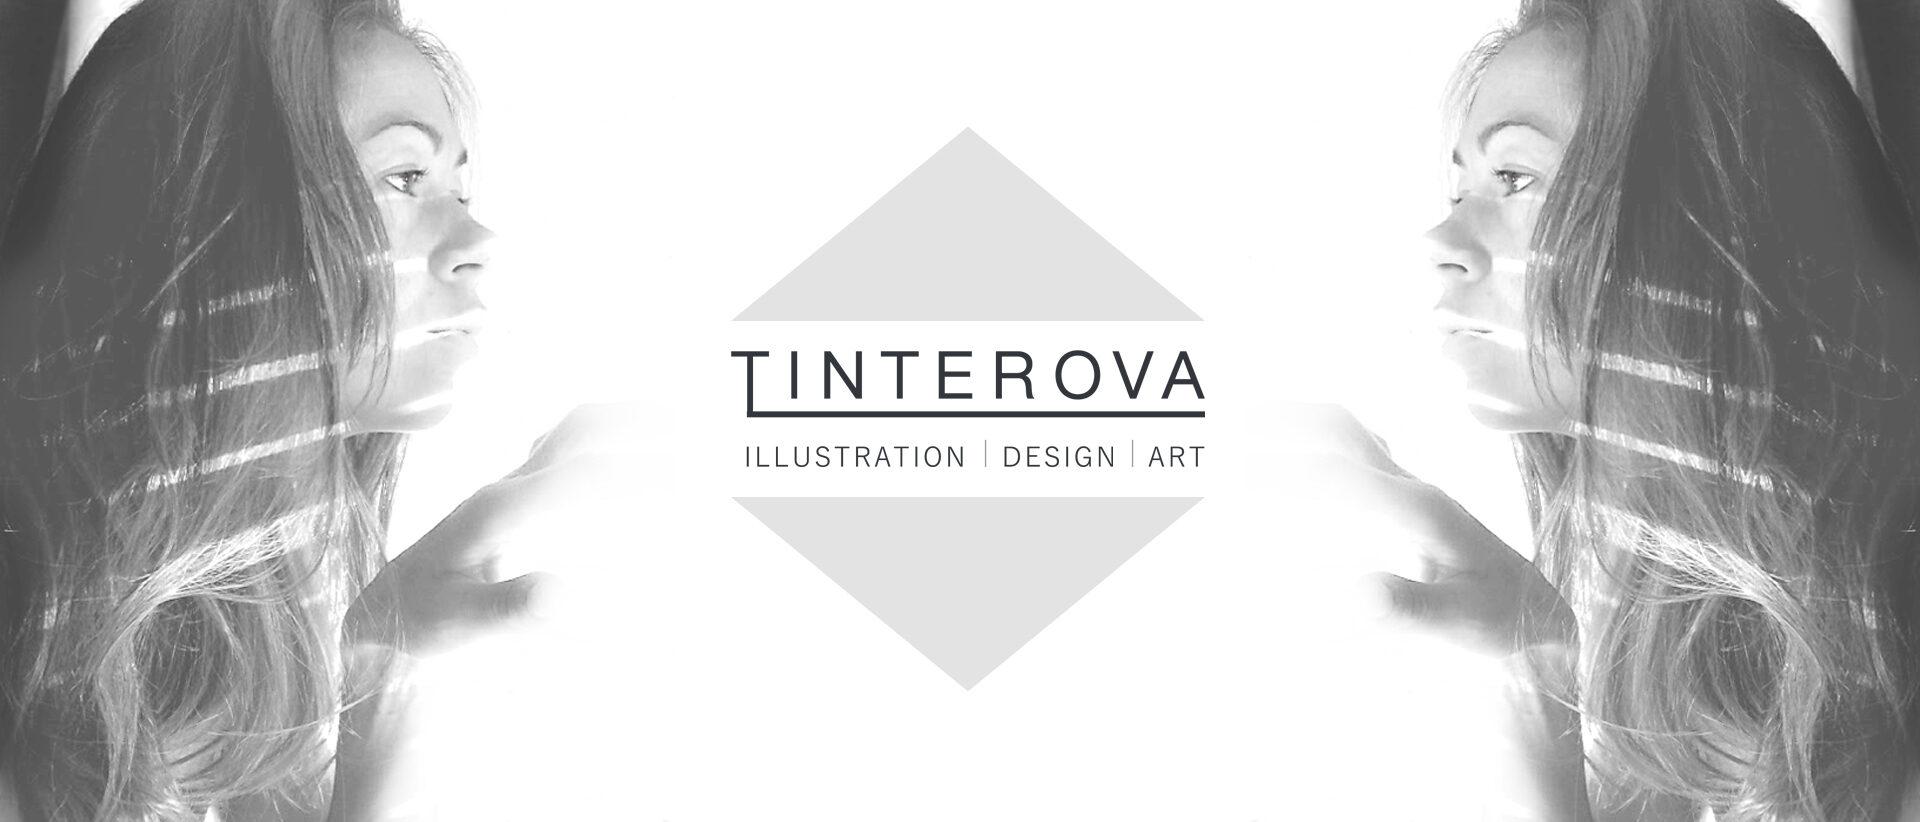 TINTEROVA